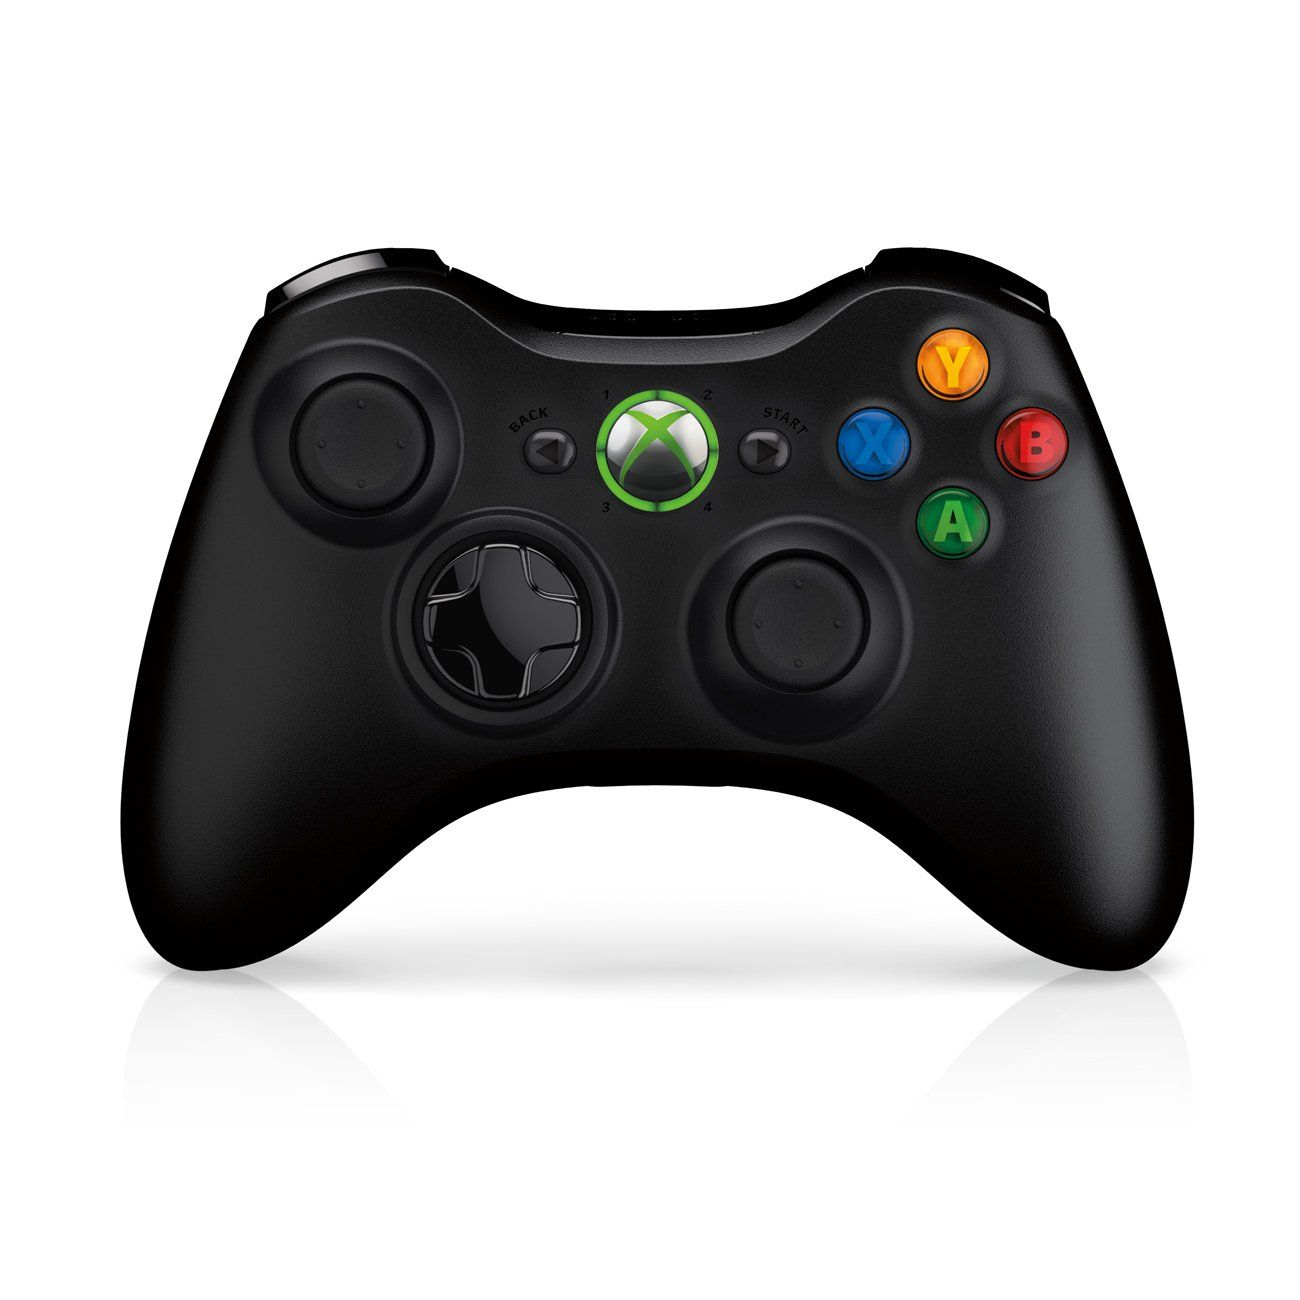 Microsoft Xbox 360 E 250gb Console Xbox Microsoft Console Gb Xbox 360 Console Xbox 360 Xbox